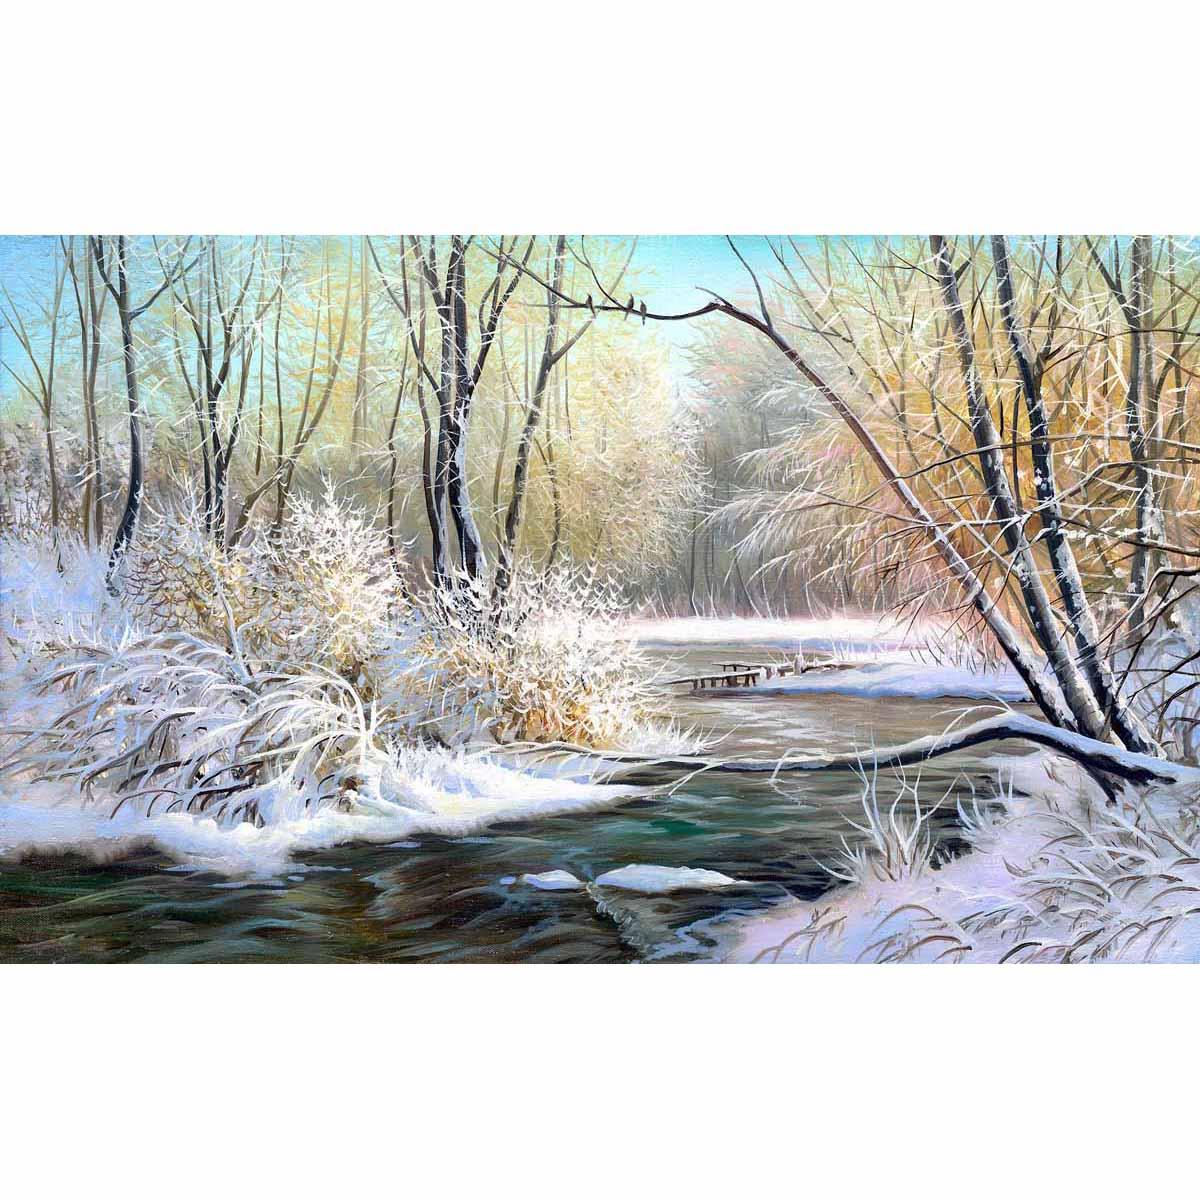 4228 Рисунок на шелке Матренин посад 'Зимняя река' 40*24см (37*49см)